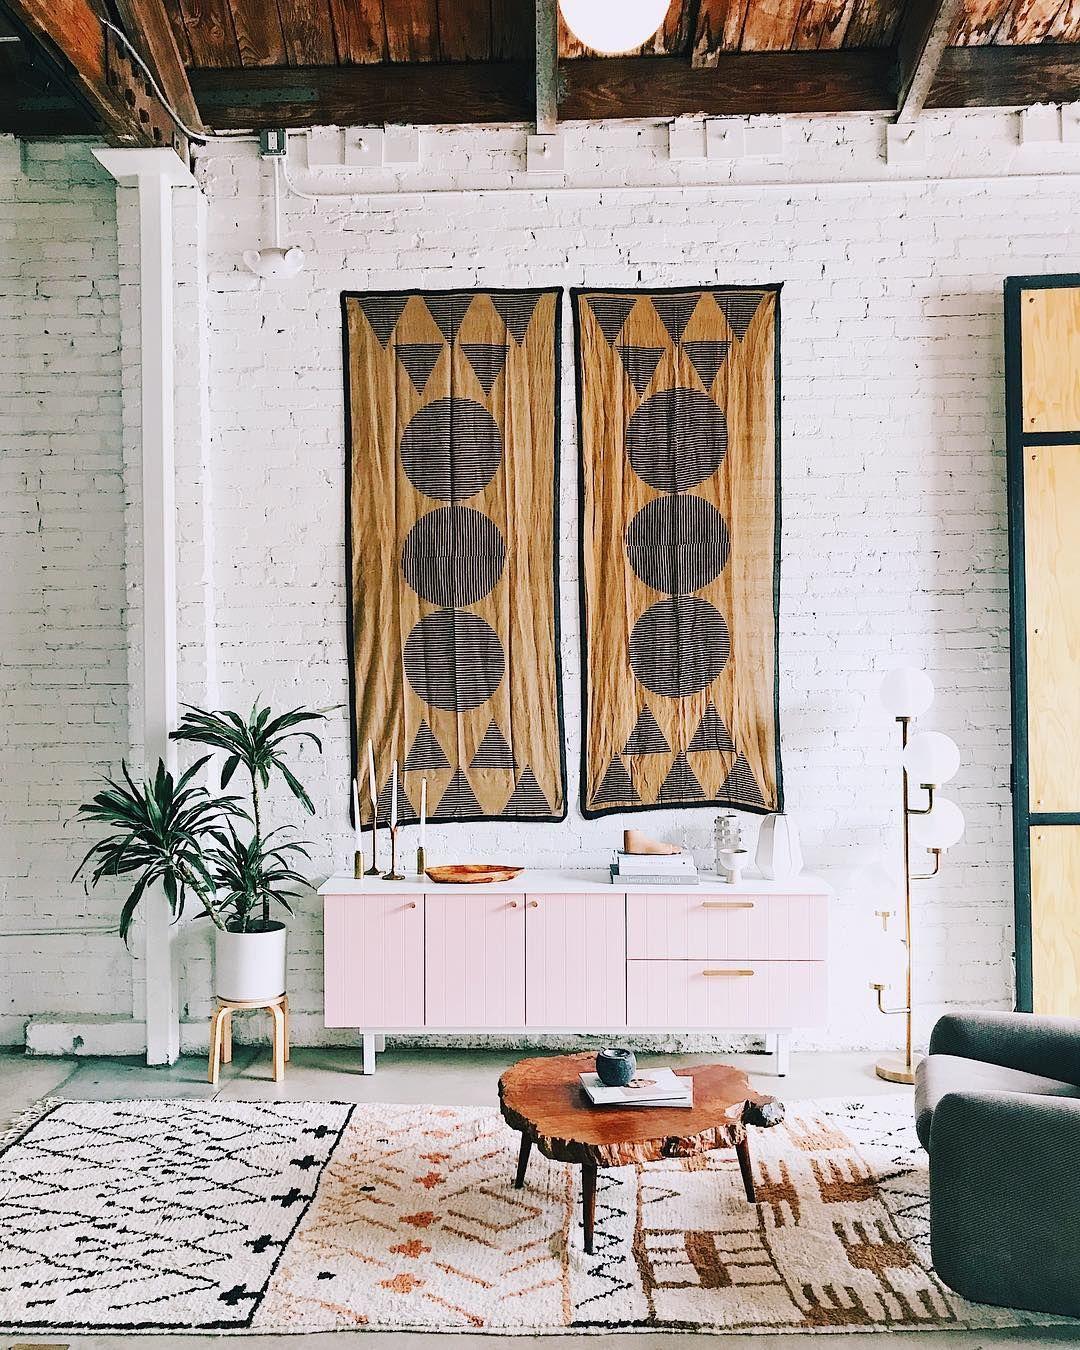 Lofts & Pin by Molly Rhymer on l i v i n g. | Pinterest | Kitchens ...